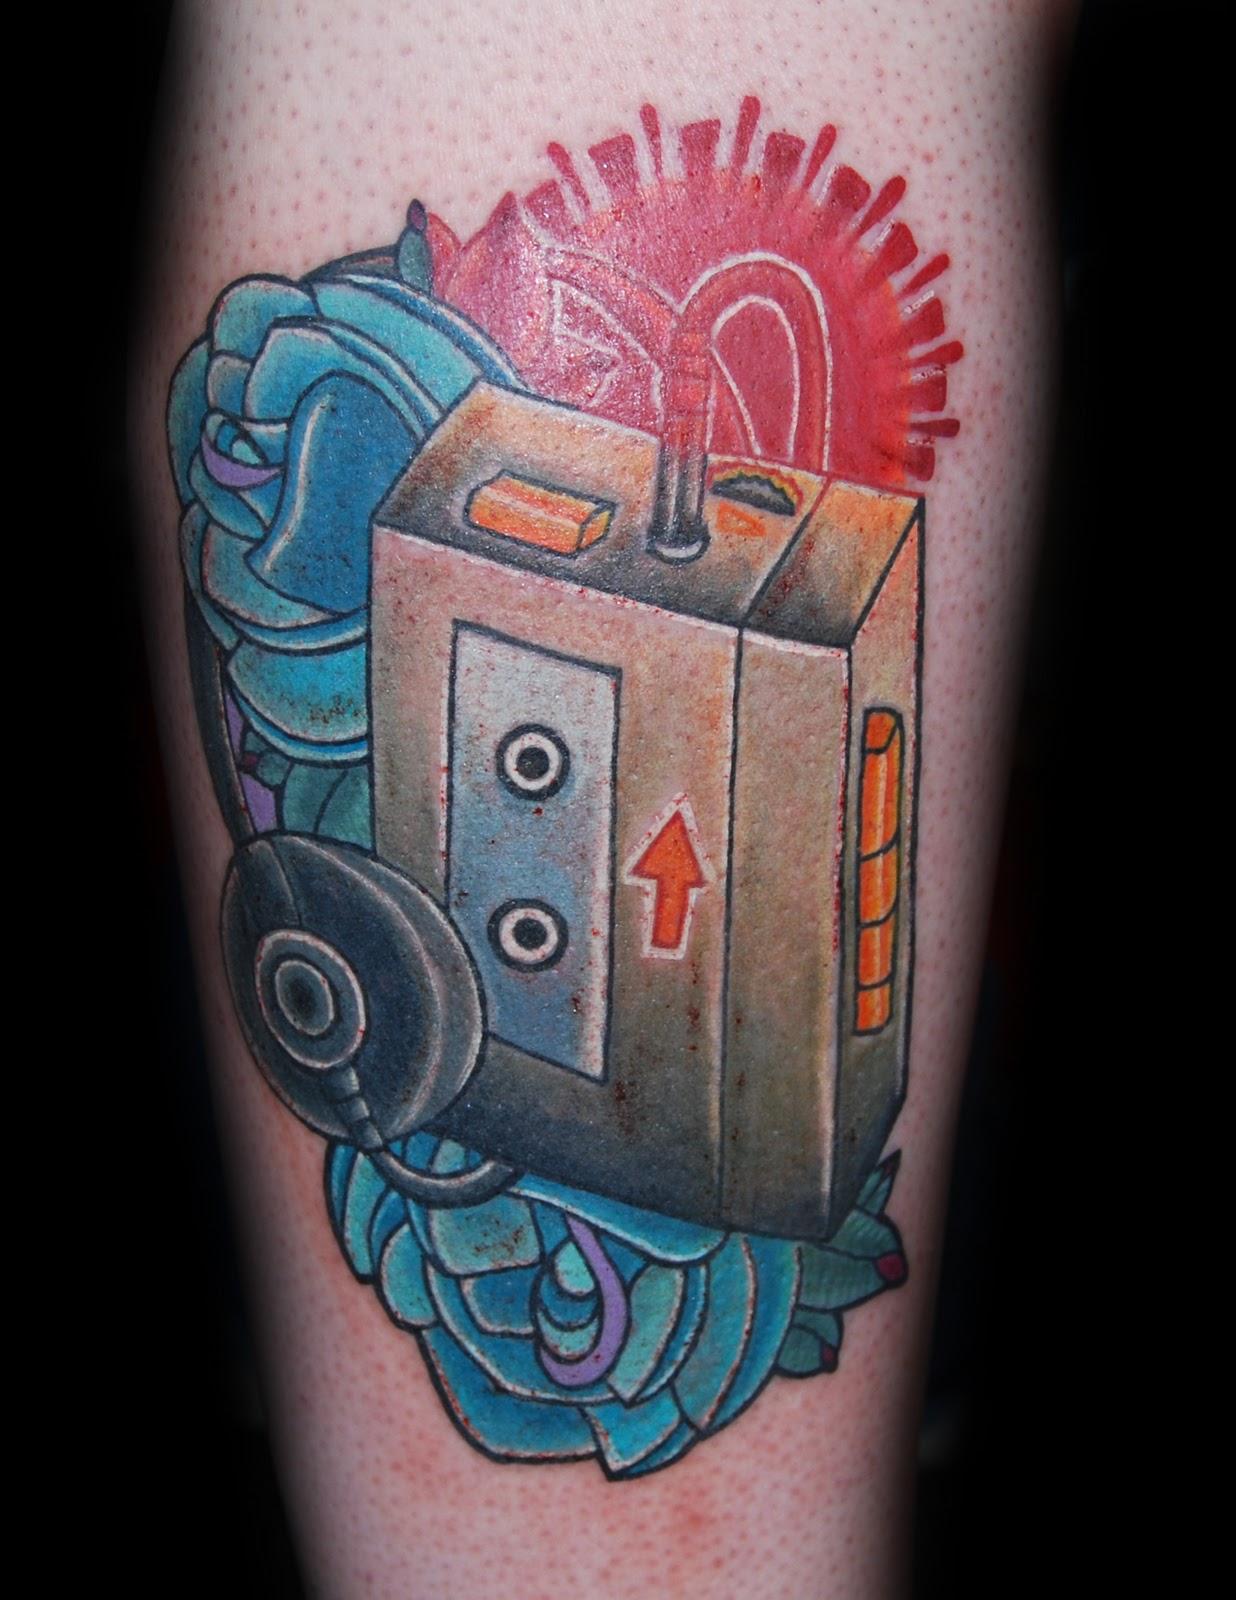 http://4.bp.blogspot.com/_O1UNApjztjo/TQQLpGUc0DI/AAAAAAAAACY/JEBr4LEMQXI/s1600/cassette%2Bplayer.jpg